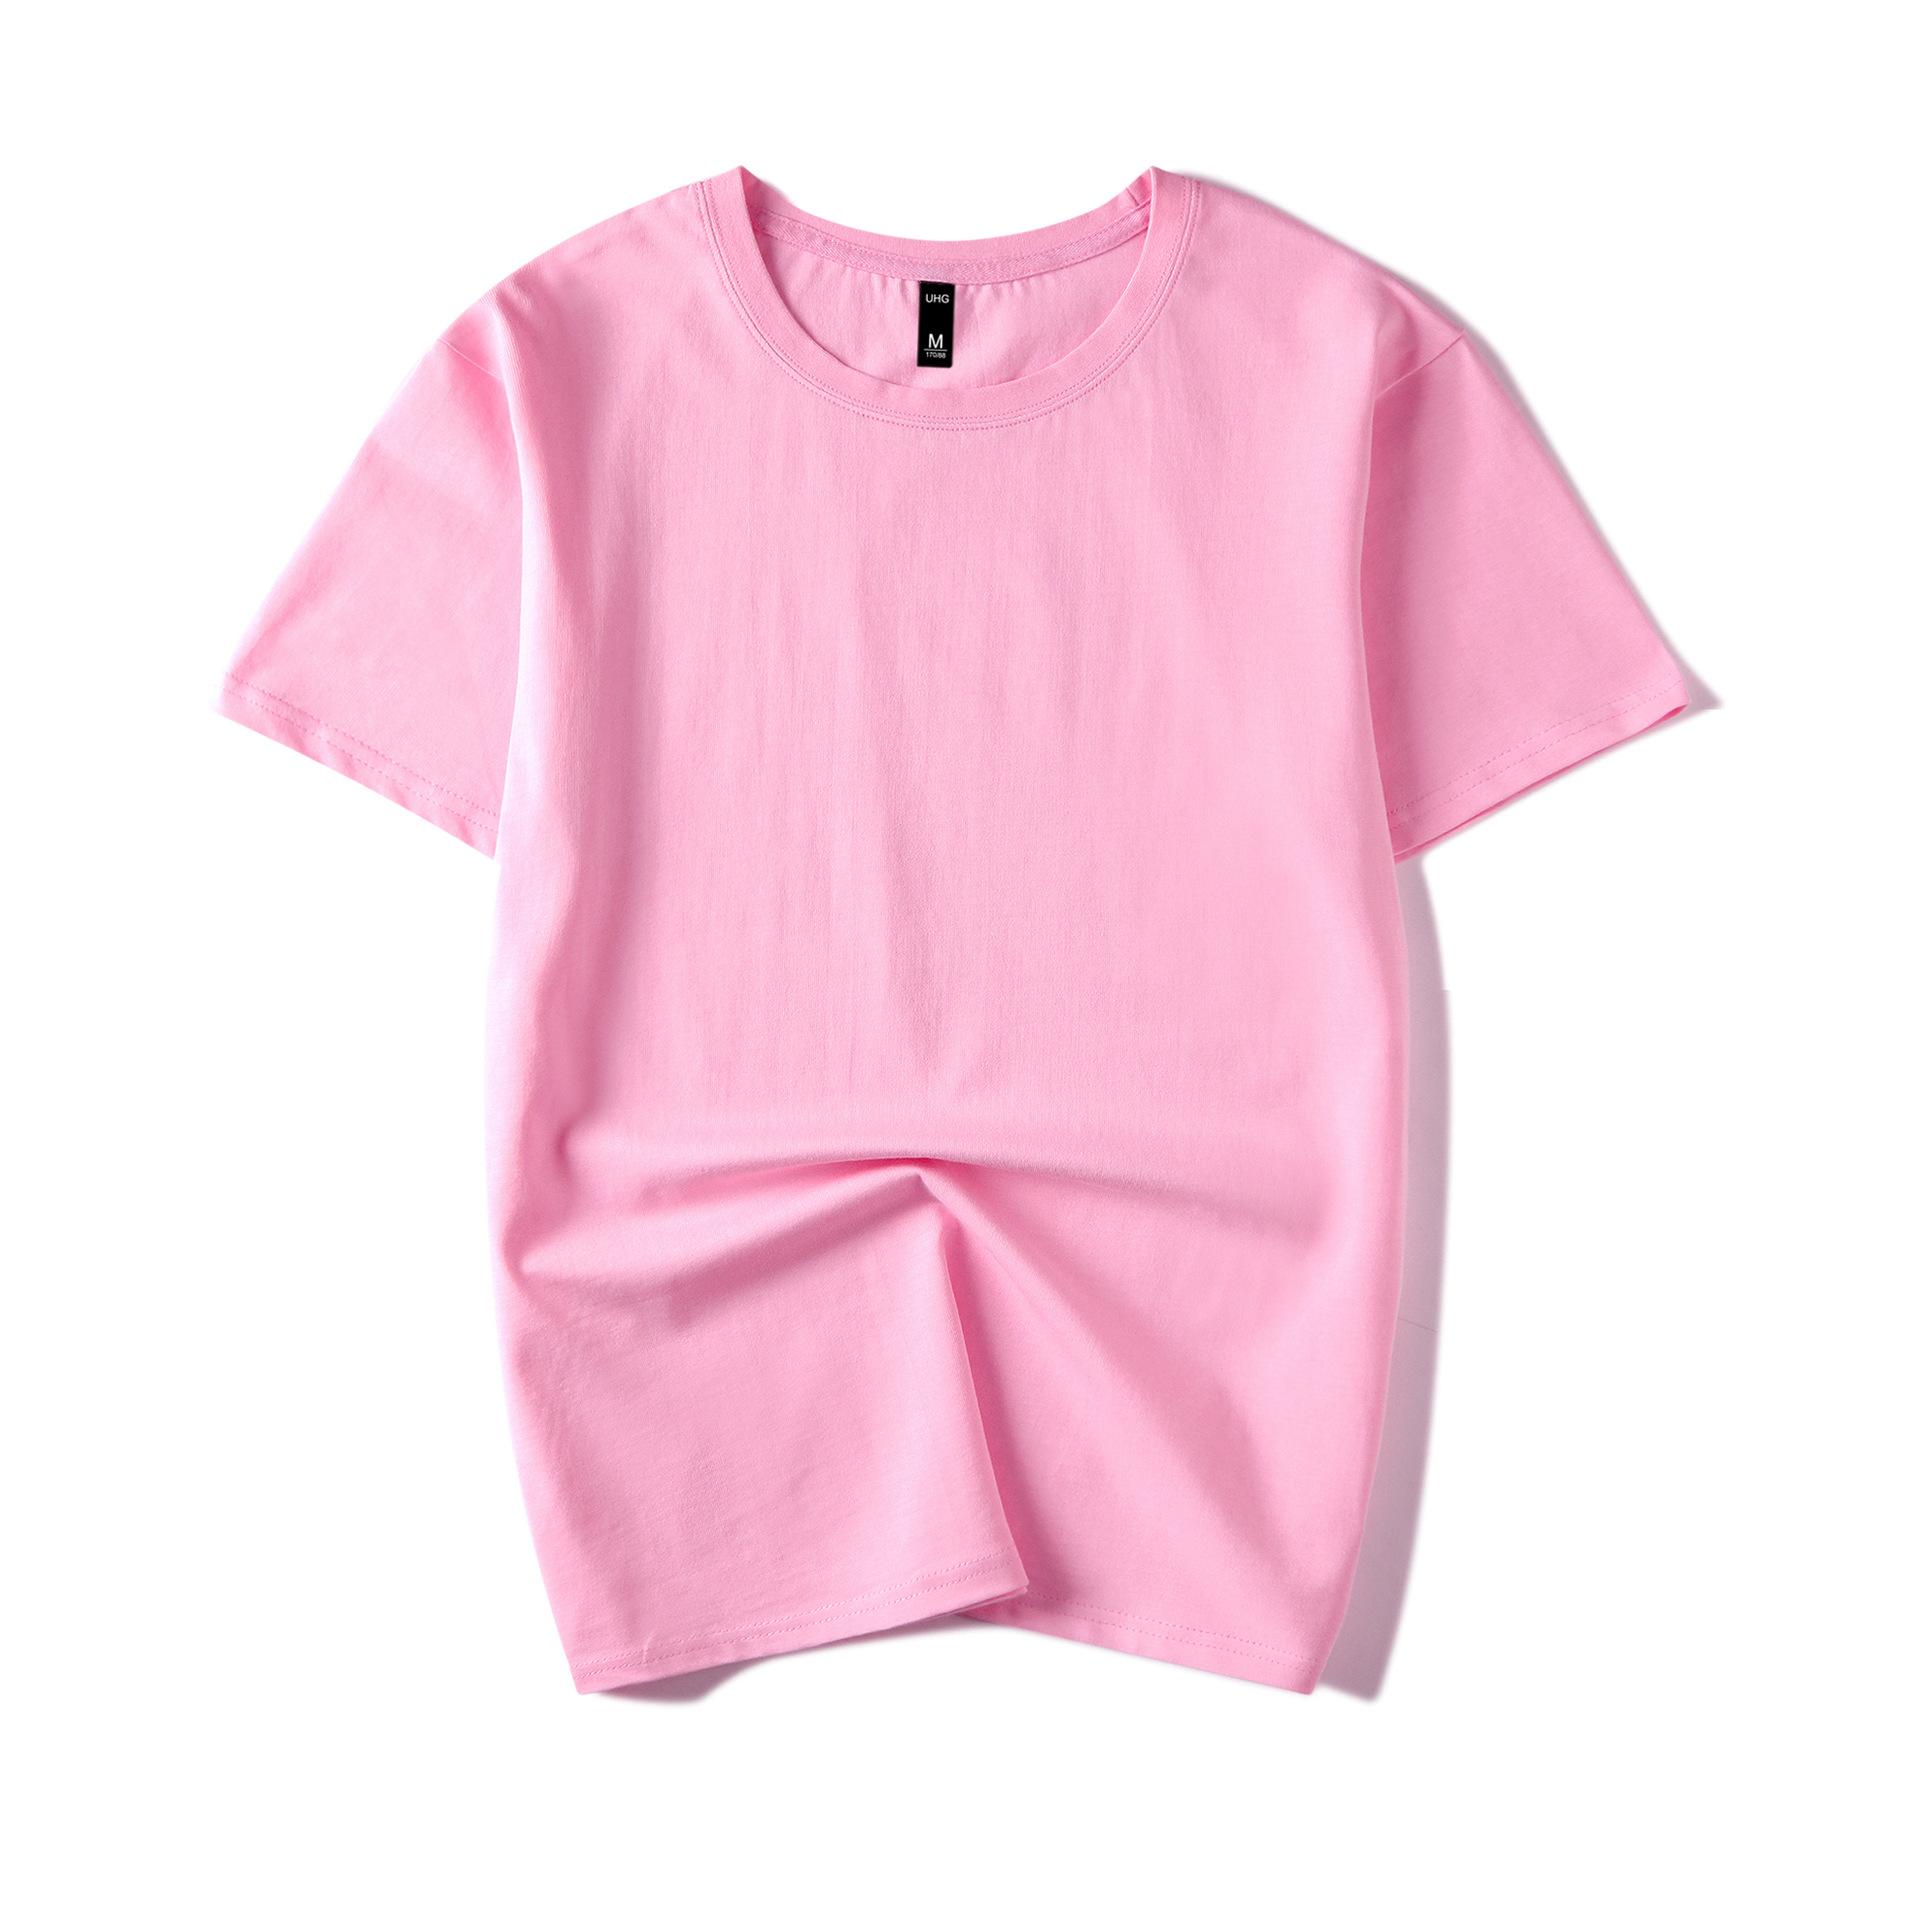 Pink Men's short sleeve T-shirt